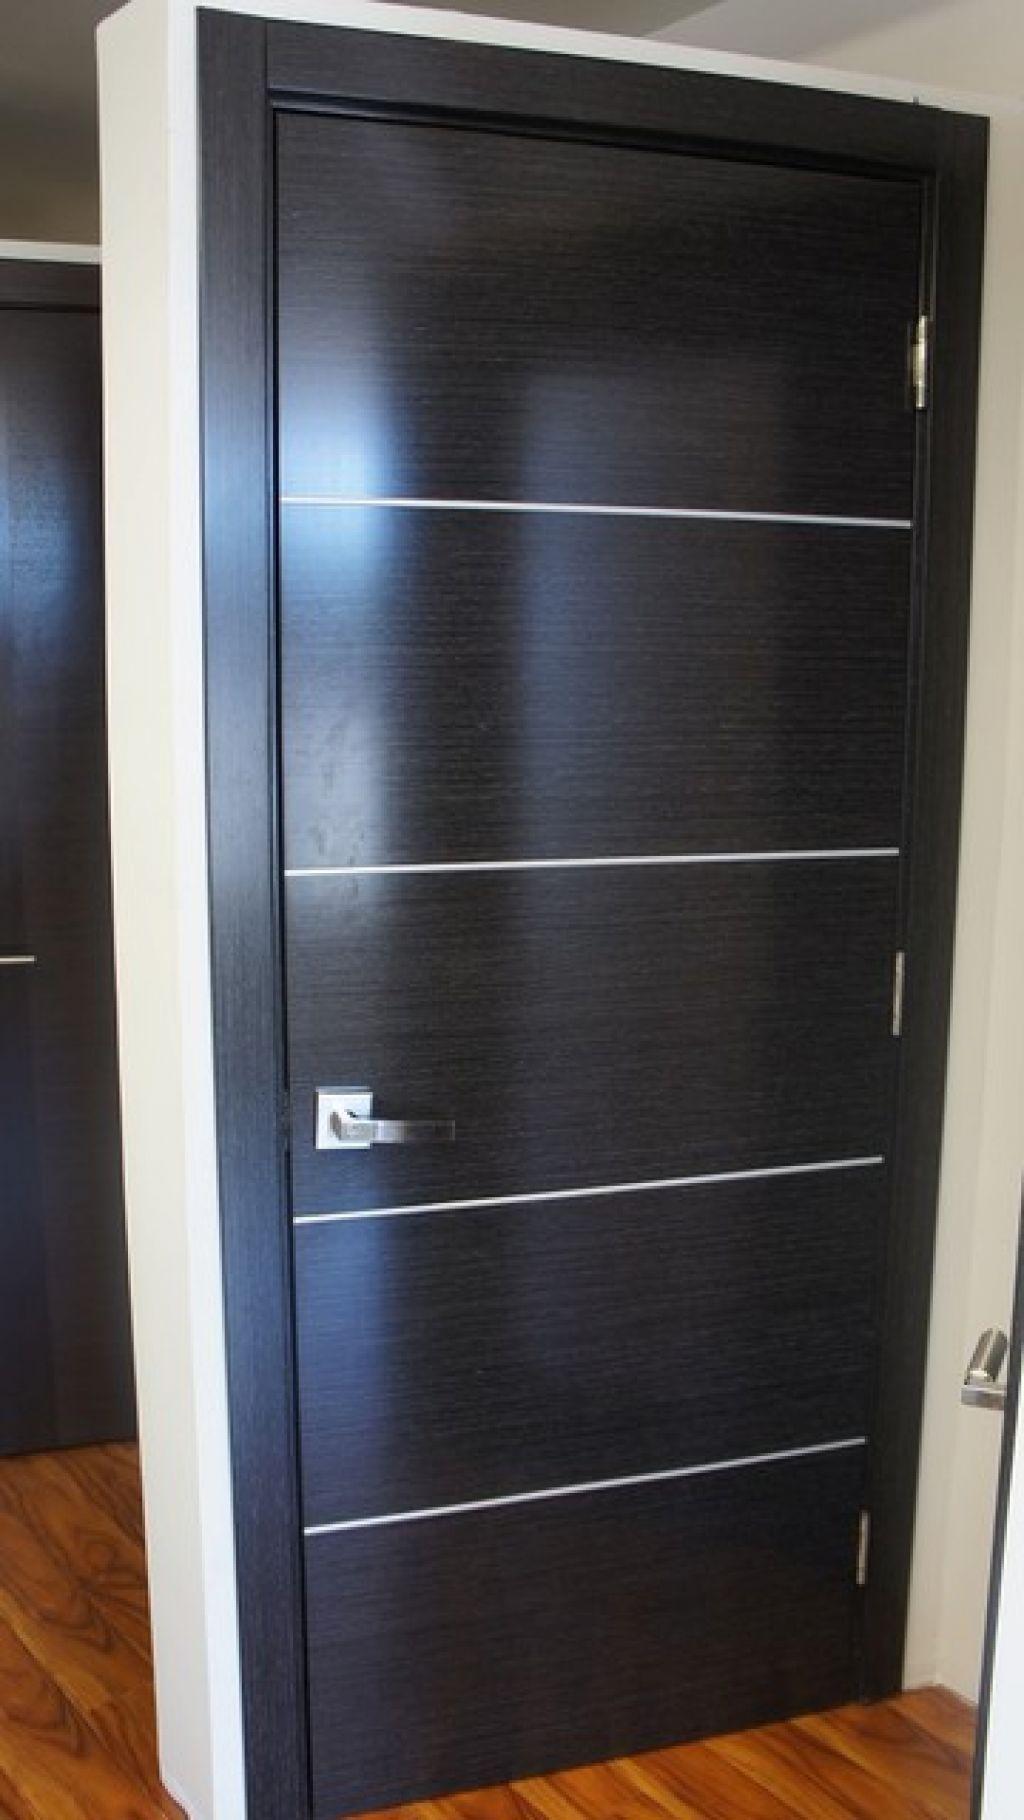 Door Decorate Avanti Interior Door Black Apricot Finish Interior Doors New  York Avanti Interior Door Black